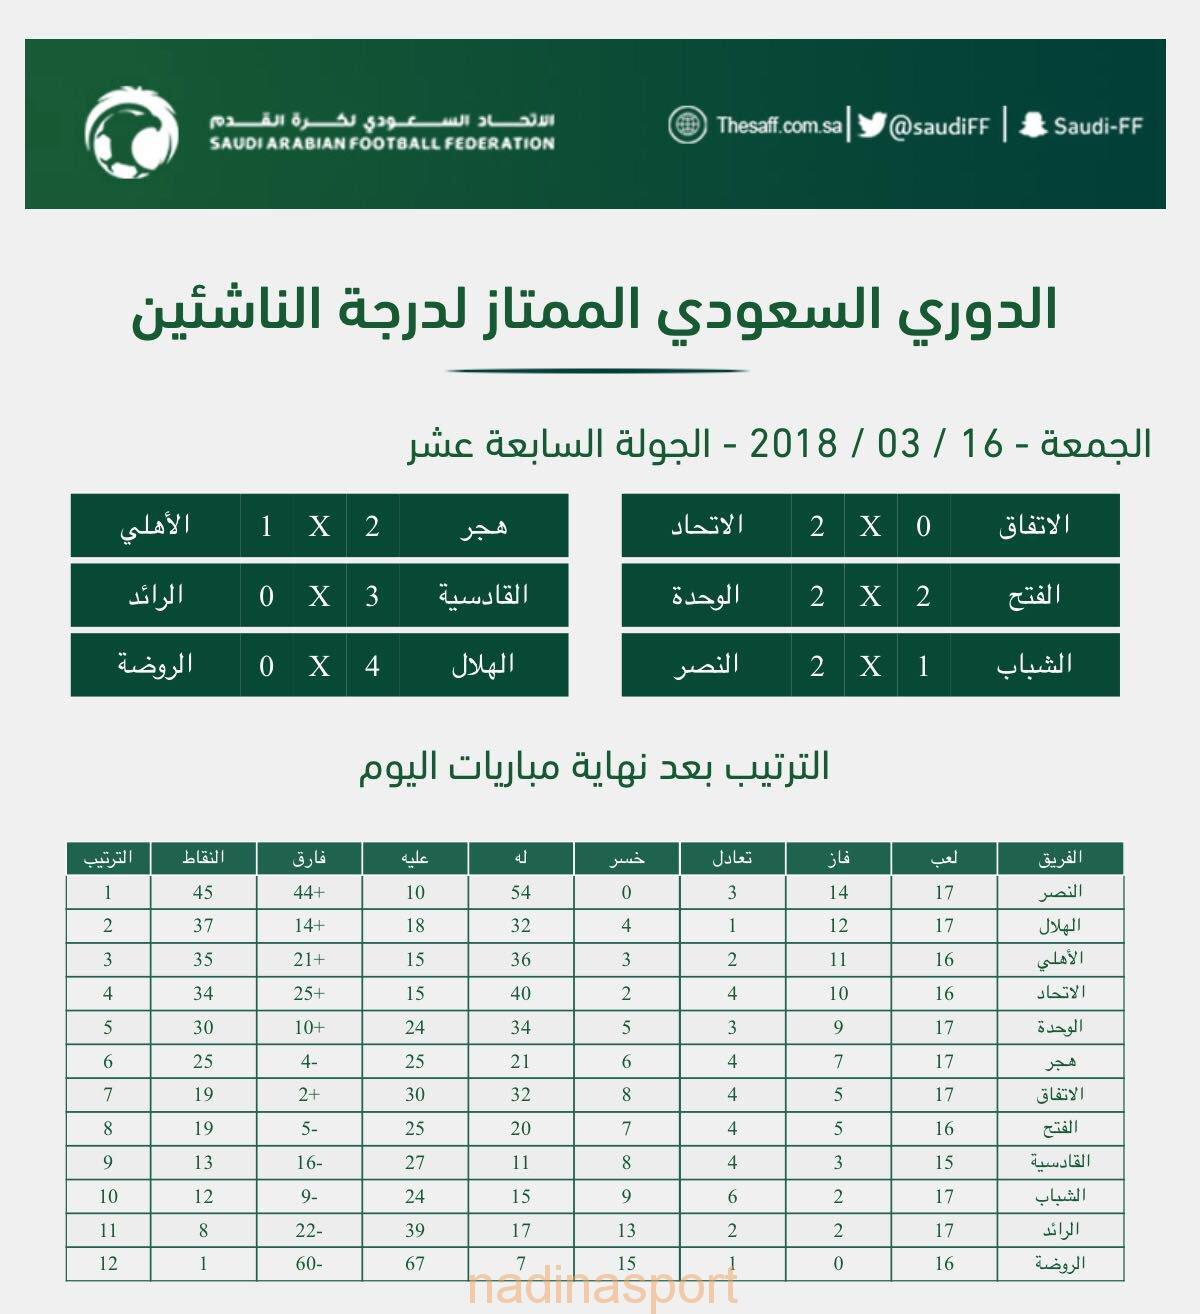 دوري الناشئين لكرة القدم : النصر يعزز صدارته بفوزه على الشباب